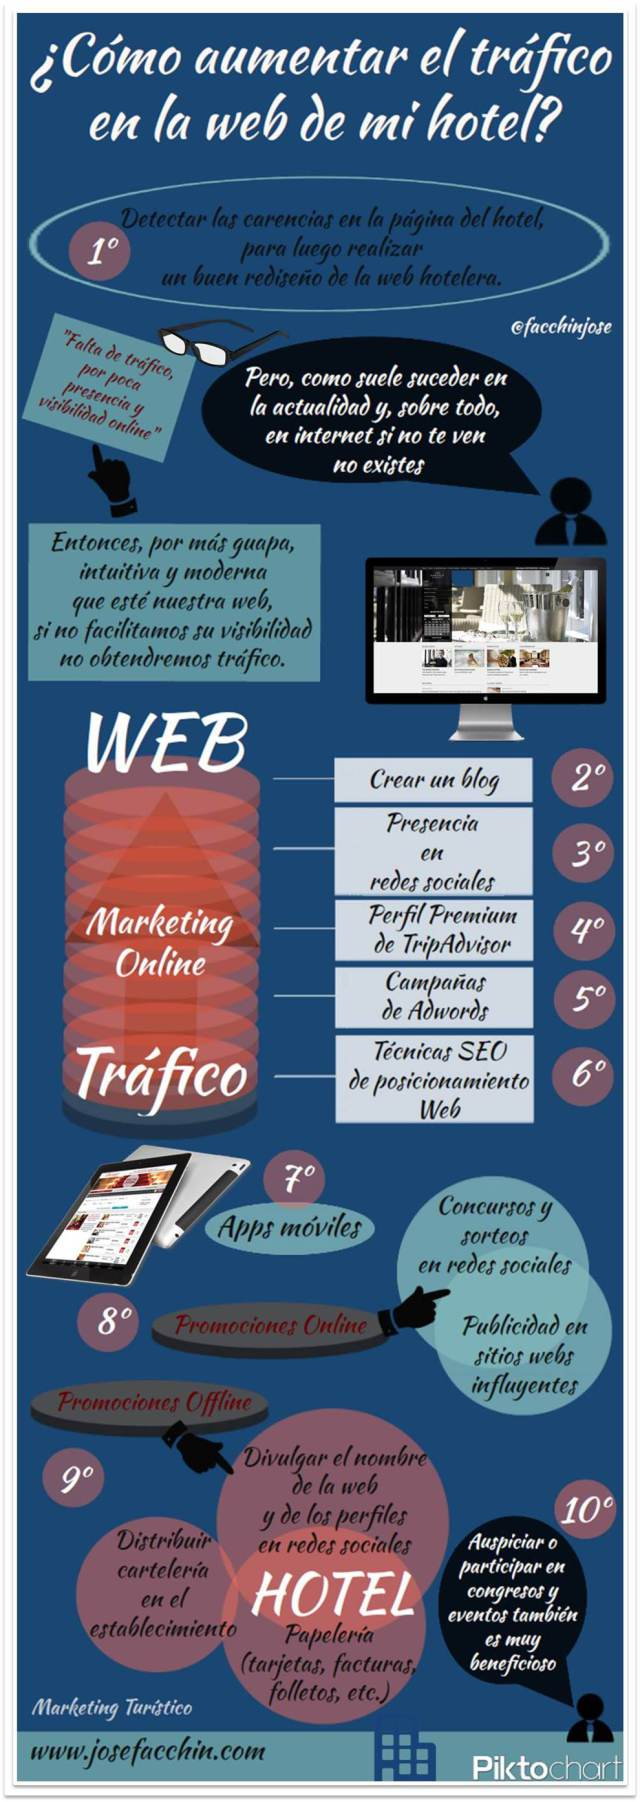 Cómo aumentar el tráfico a la web de mi Hotel